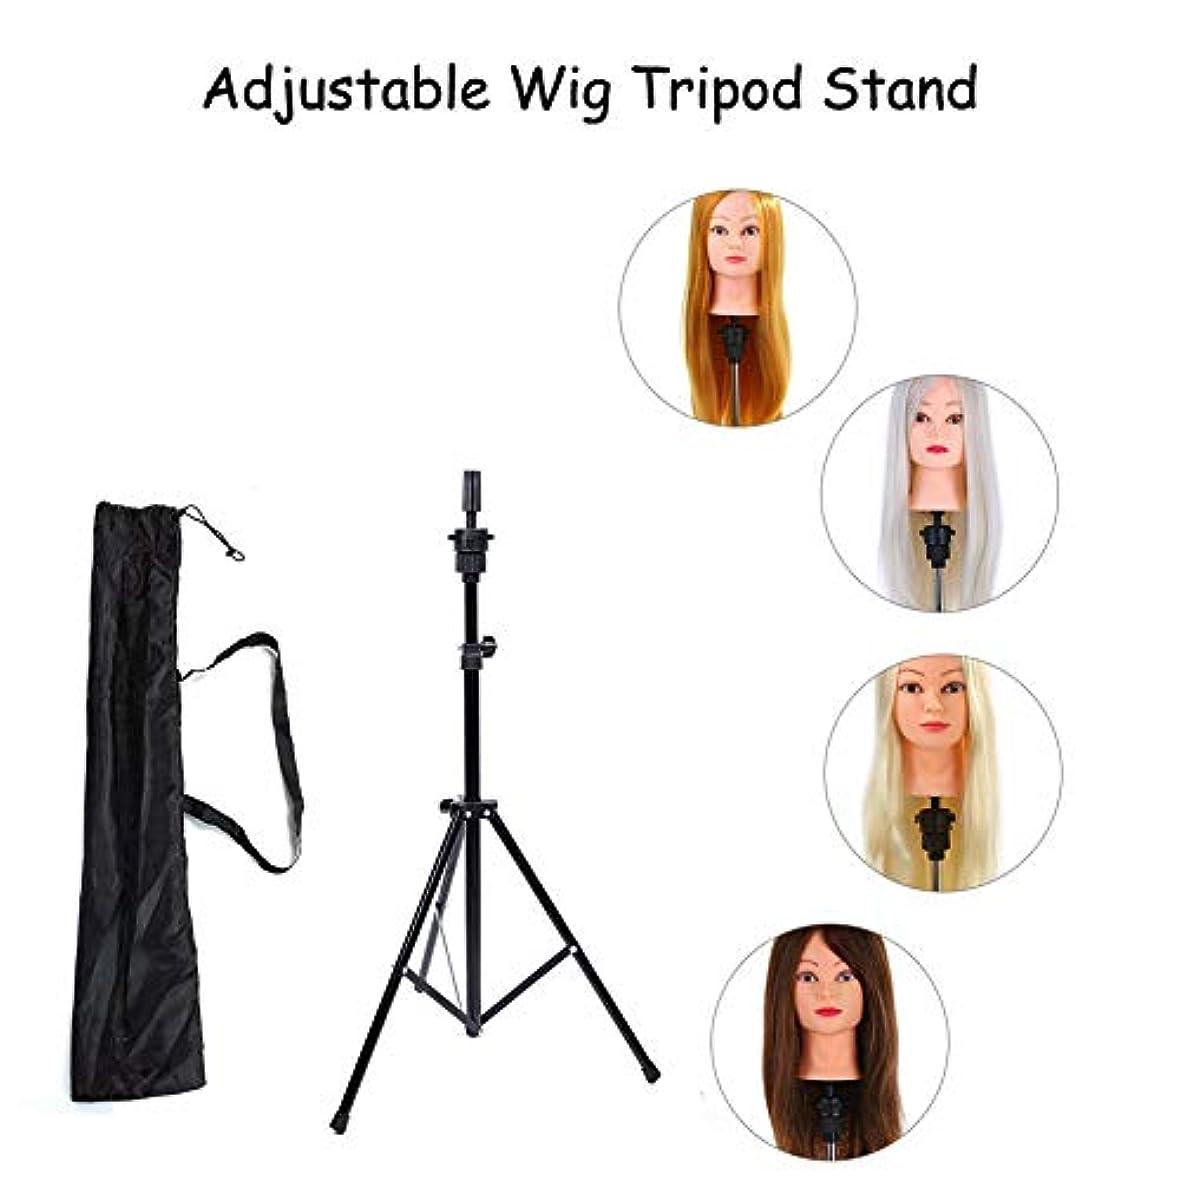 モス吸収する流暢マネキンウィッグヘッド三脚スタンド調節可能な美容トレーニング人形ヘッドホルダー用理髪かつらスタンド付きキャリーバッグ